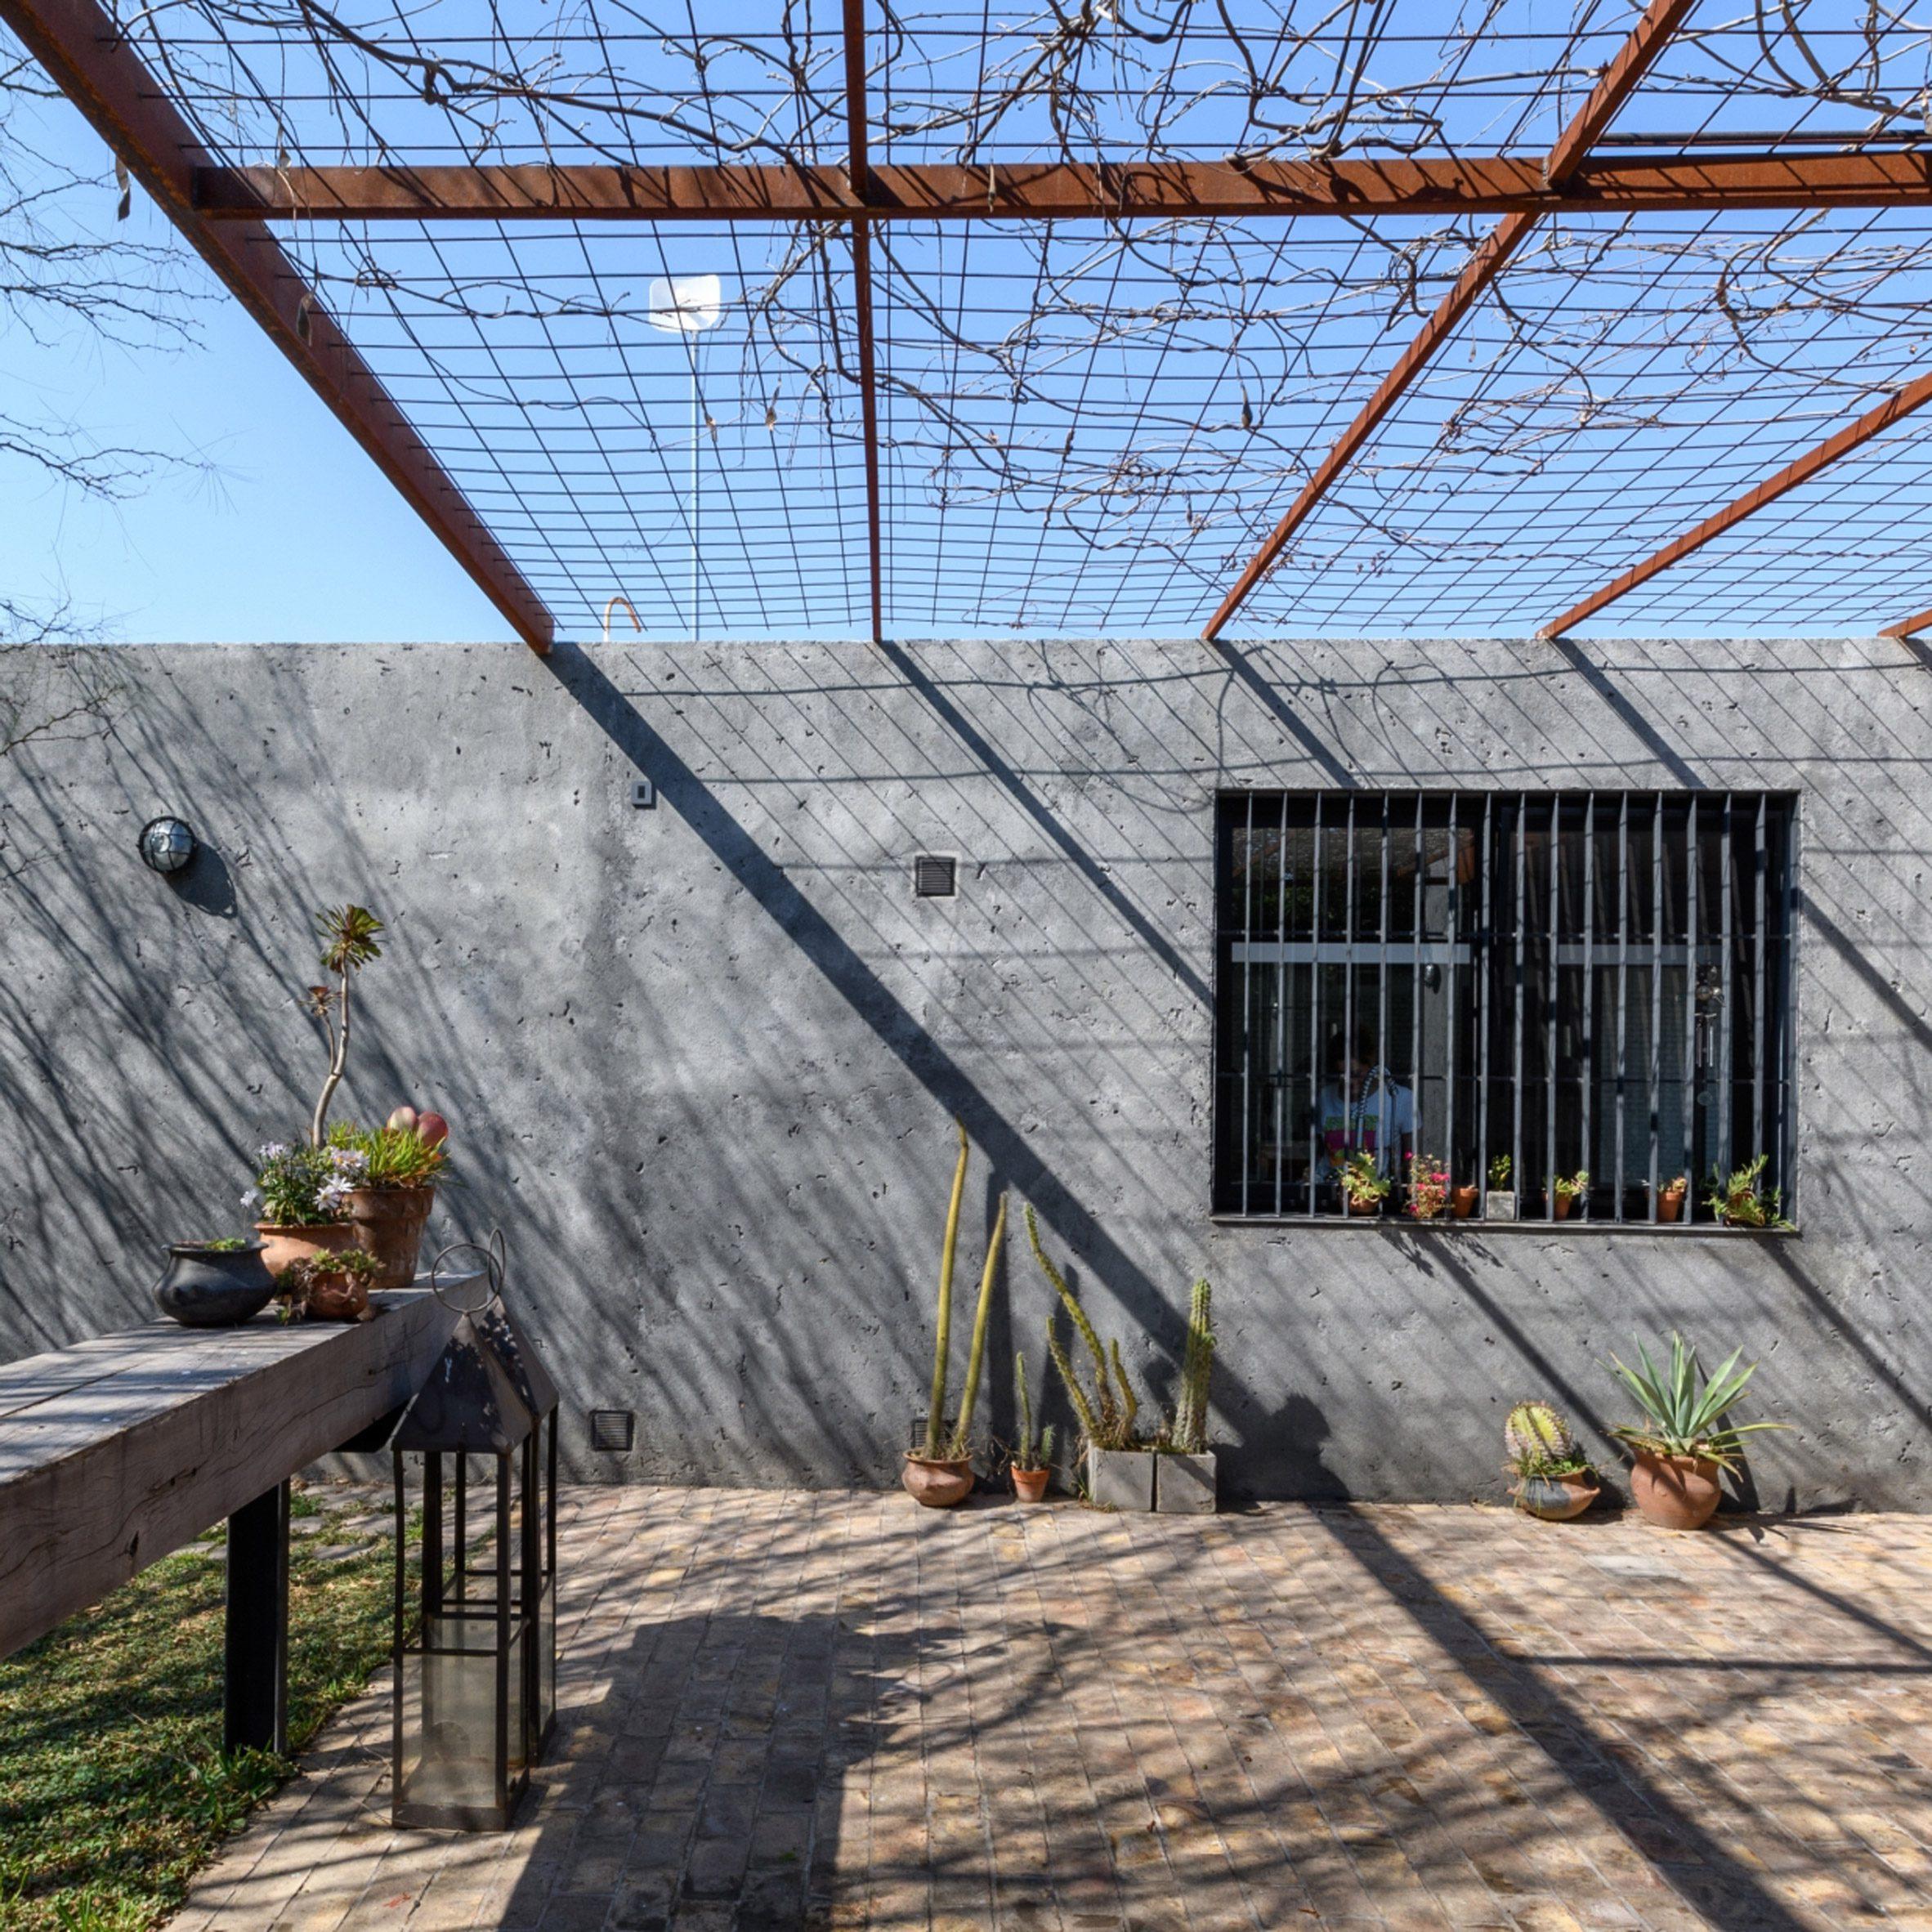 Roberto Benito incorporates naked materials into Vivienda Texturas in Cordoba